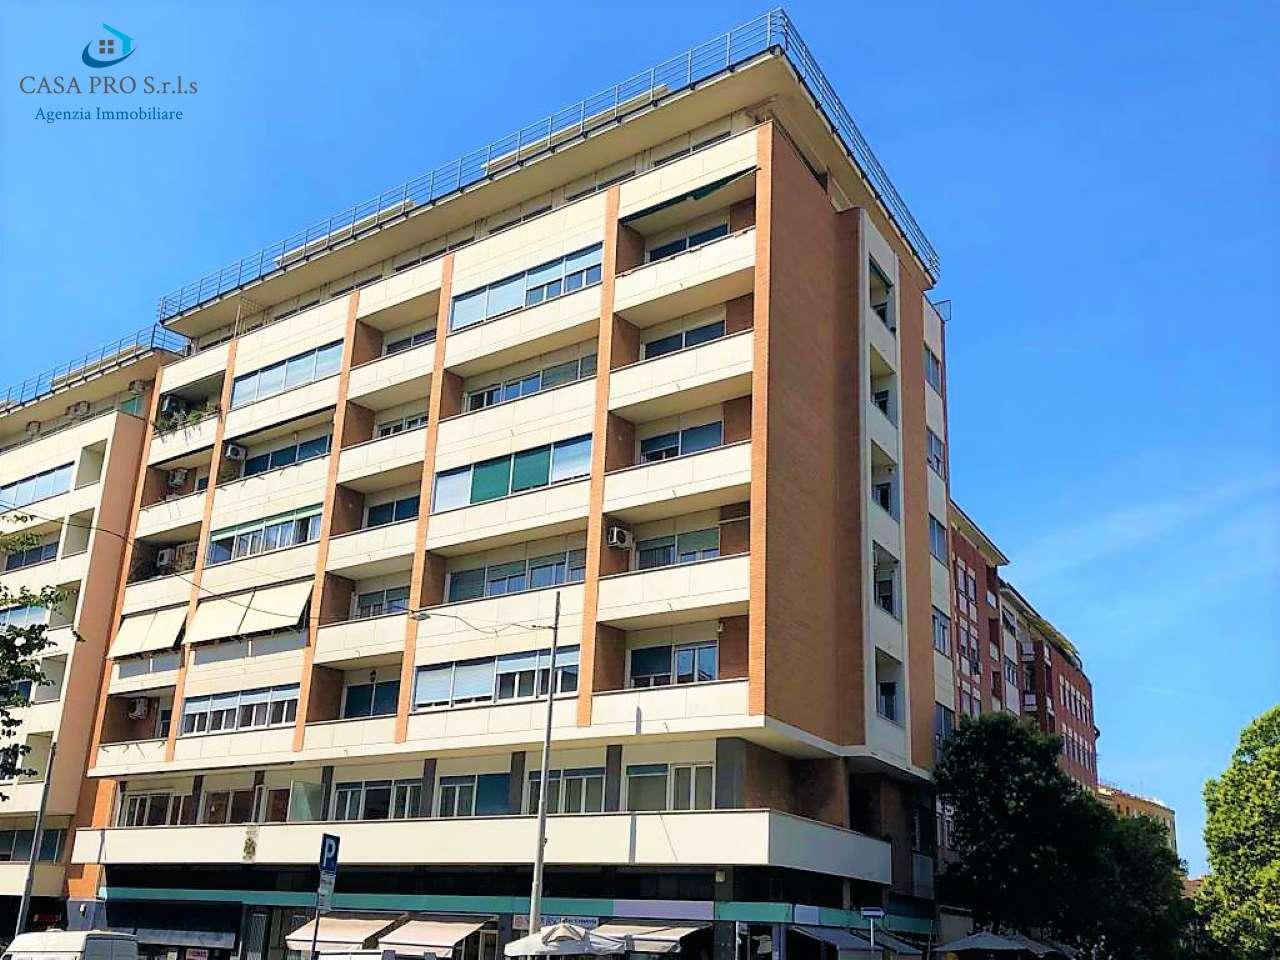 Appartamento in vendita a Roma, 5 locali, zona Zona: 3 . Trieste - Somalia - Salario, prezzo € 780.000 | CambioCasa.it